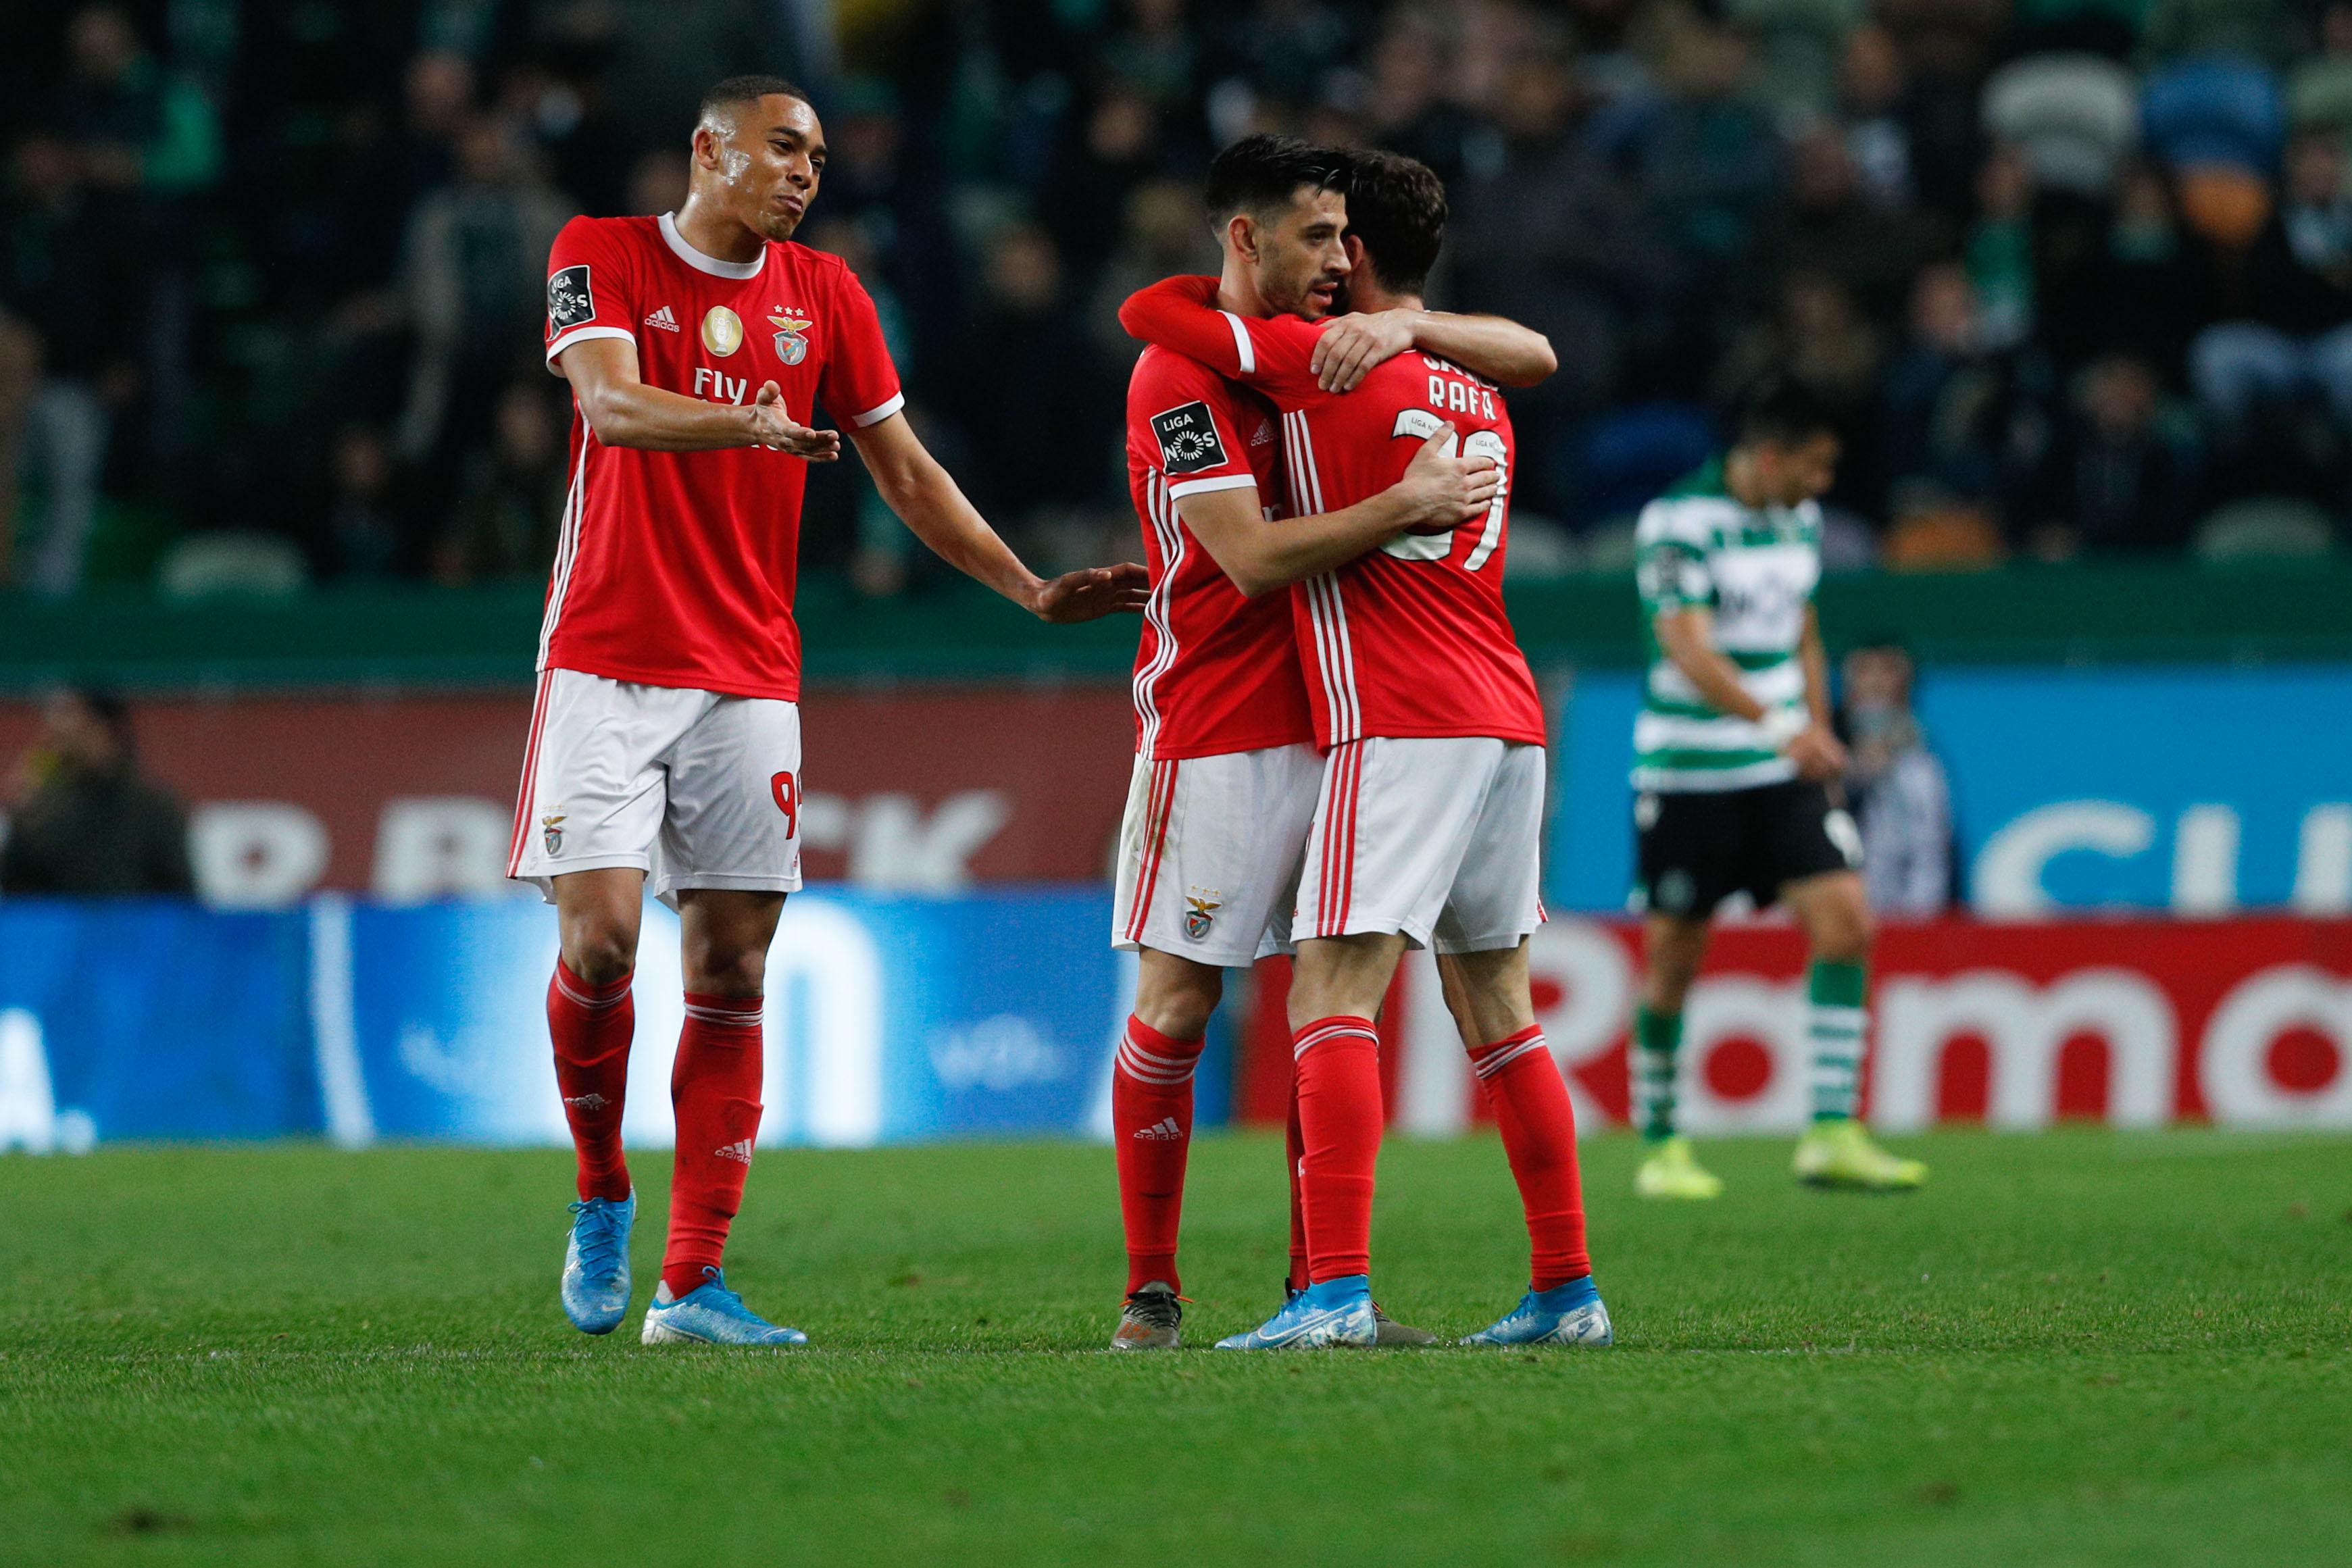 Benfica: Nunca ninguém tinha somado tantos pontos numa 1.ª volta